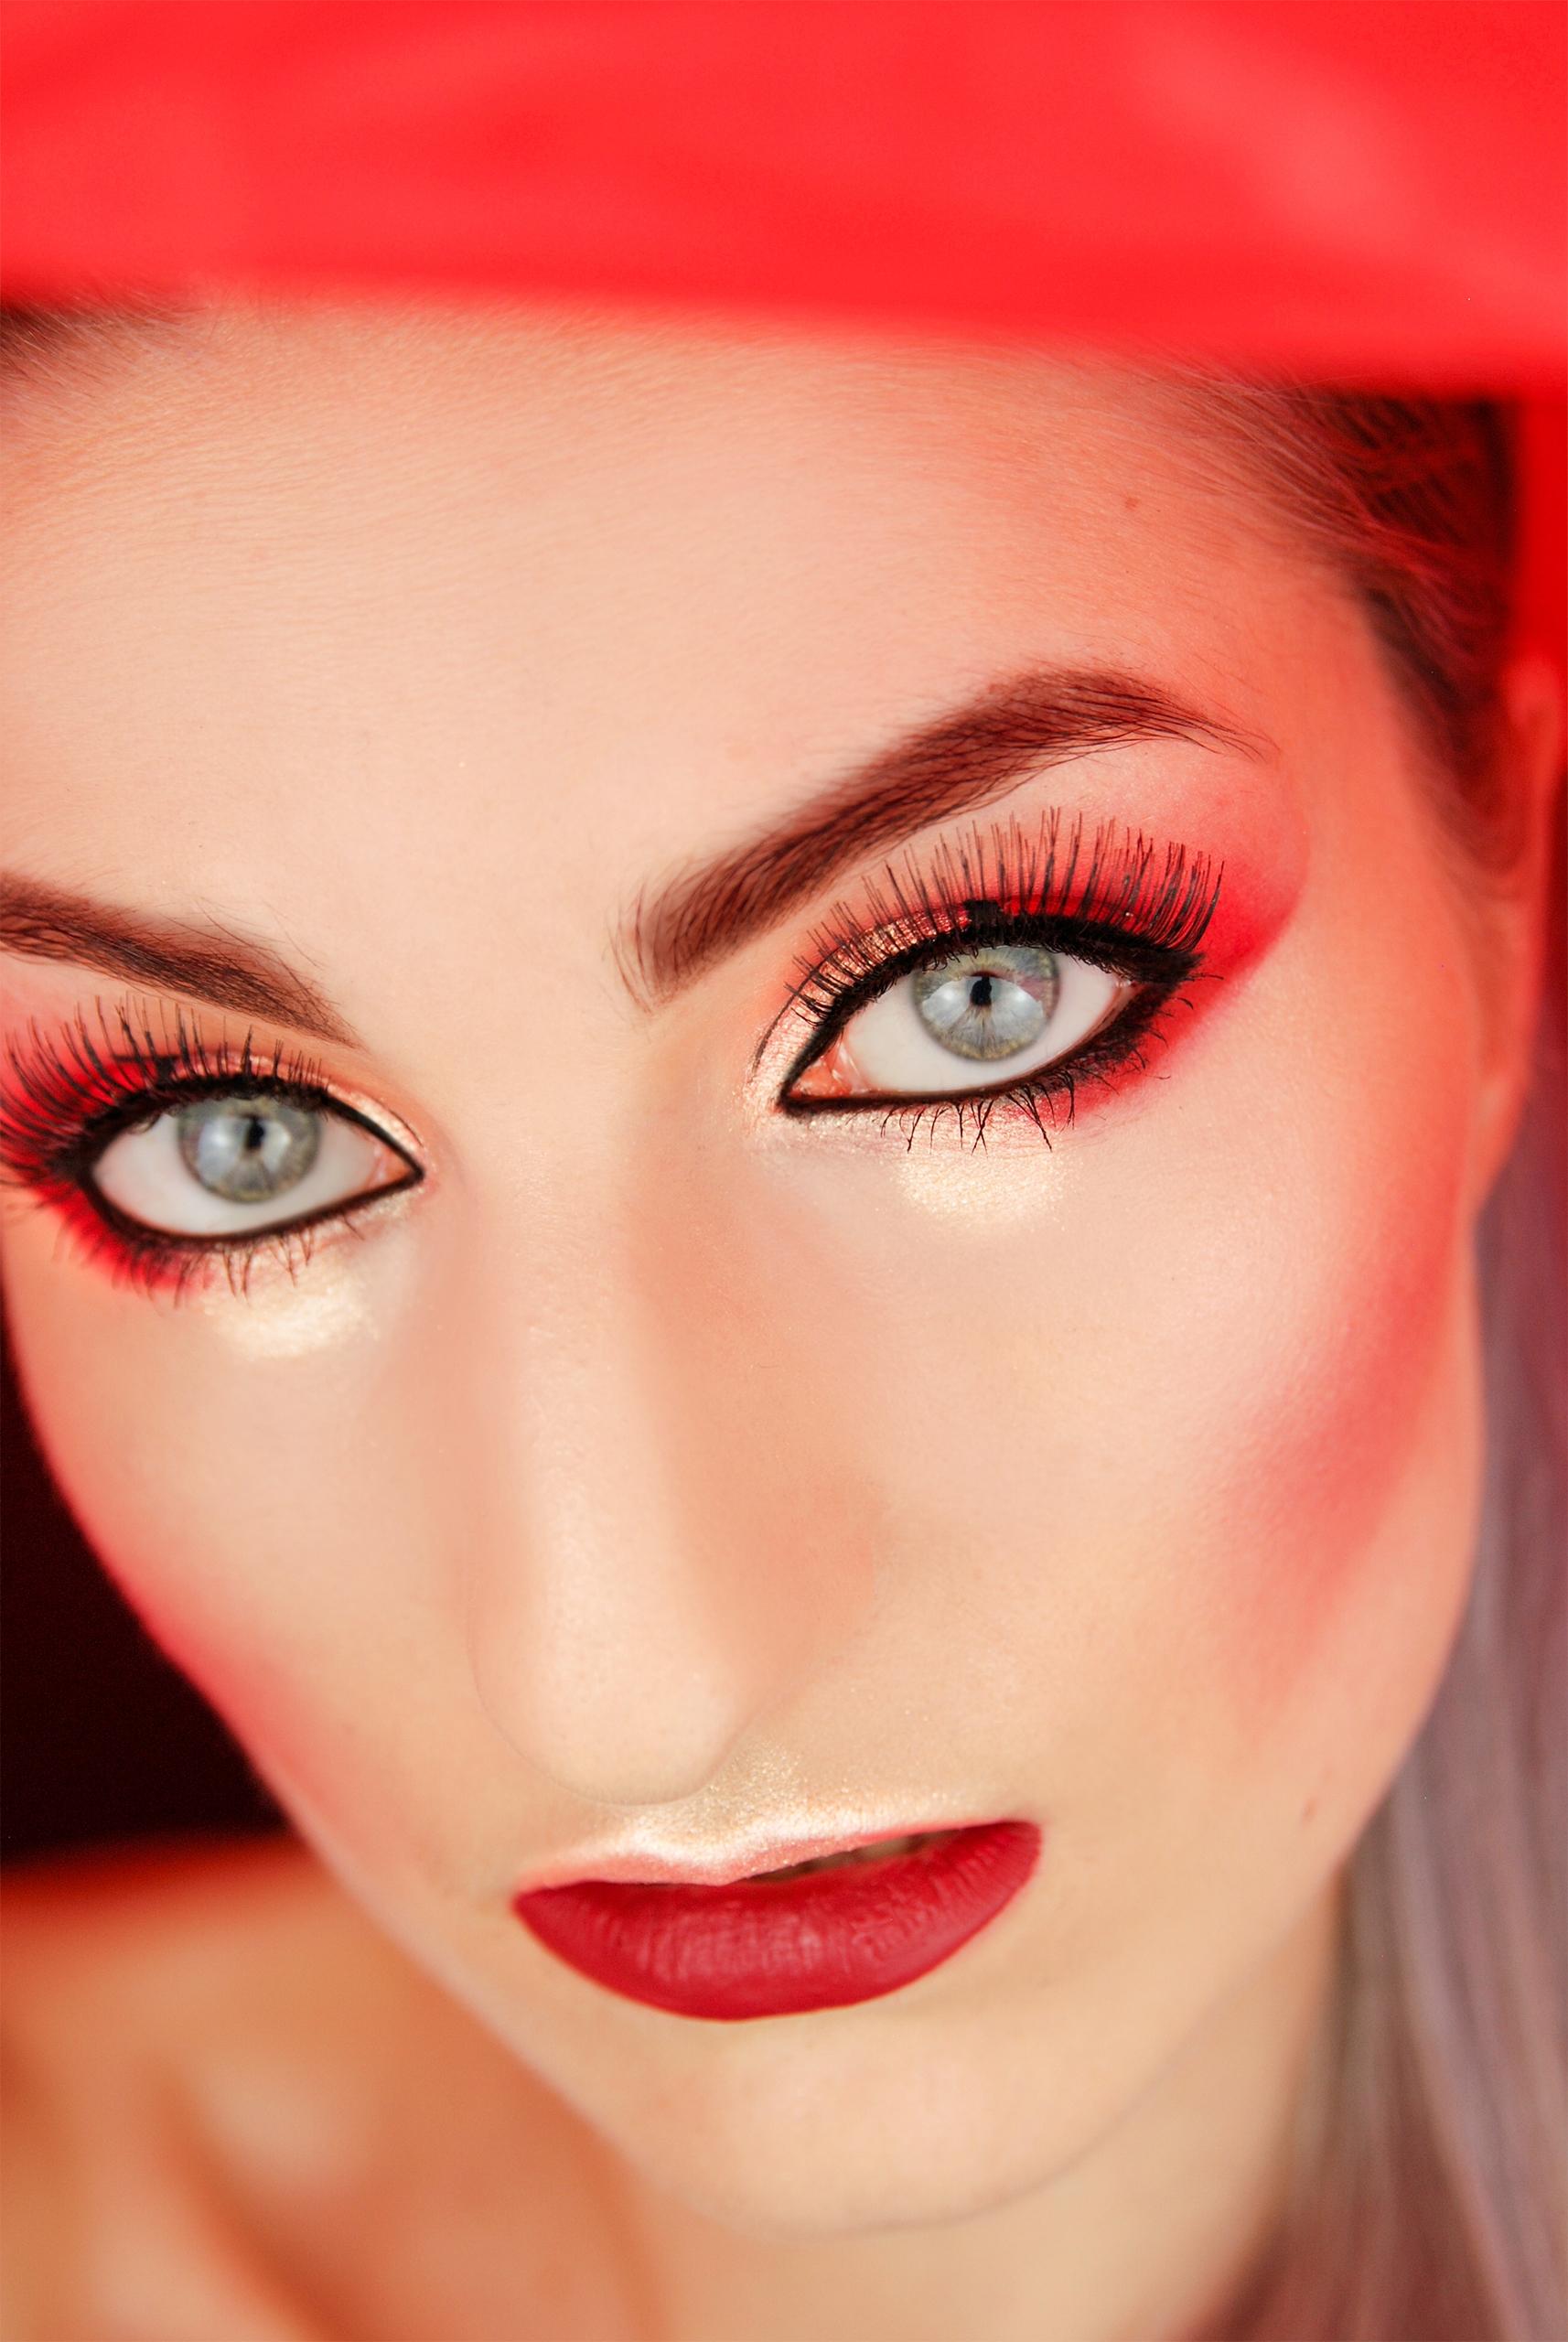 Zdjęcie przedstawia twarz kobiety w mocnym makijażu i czerwonym świetle.